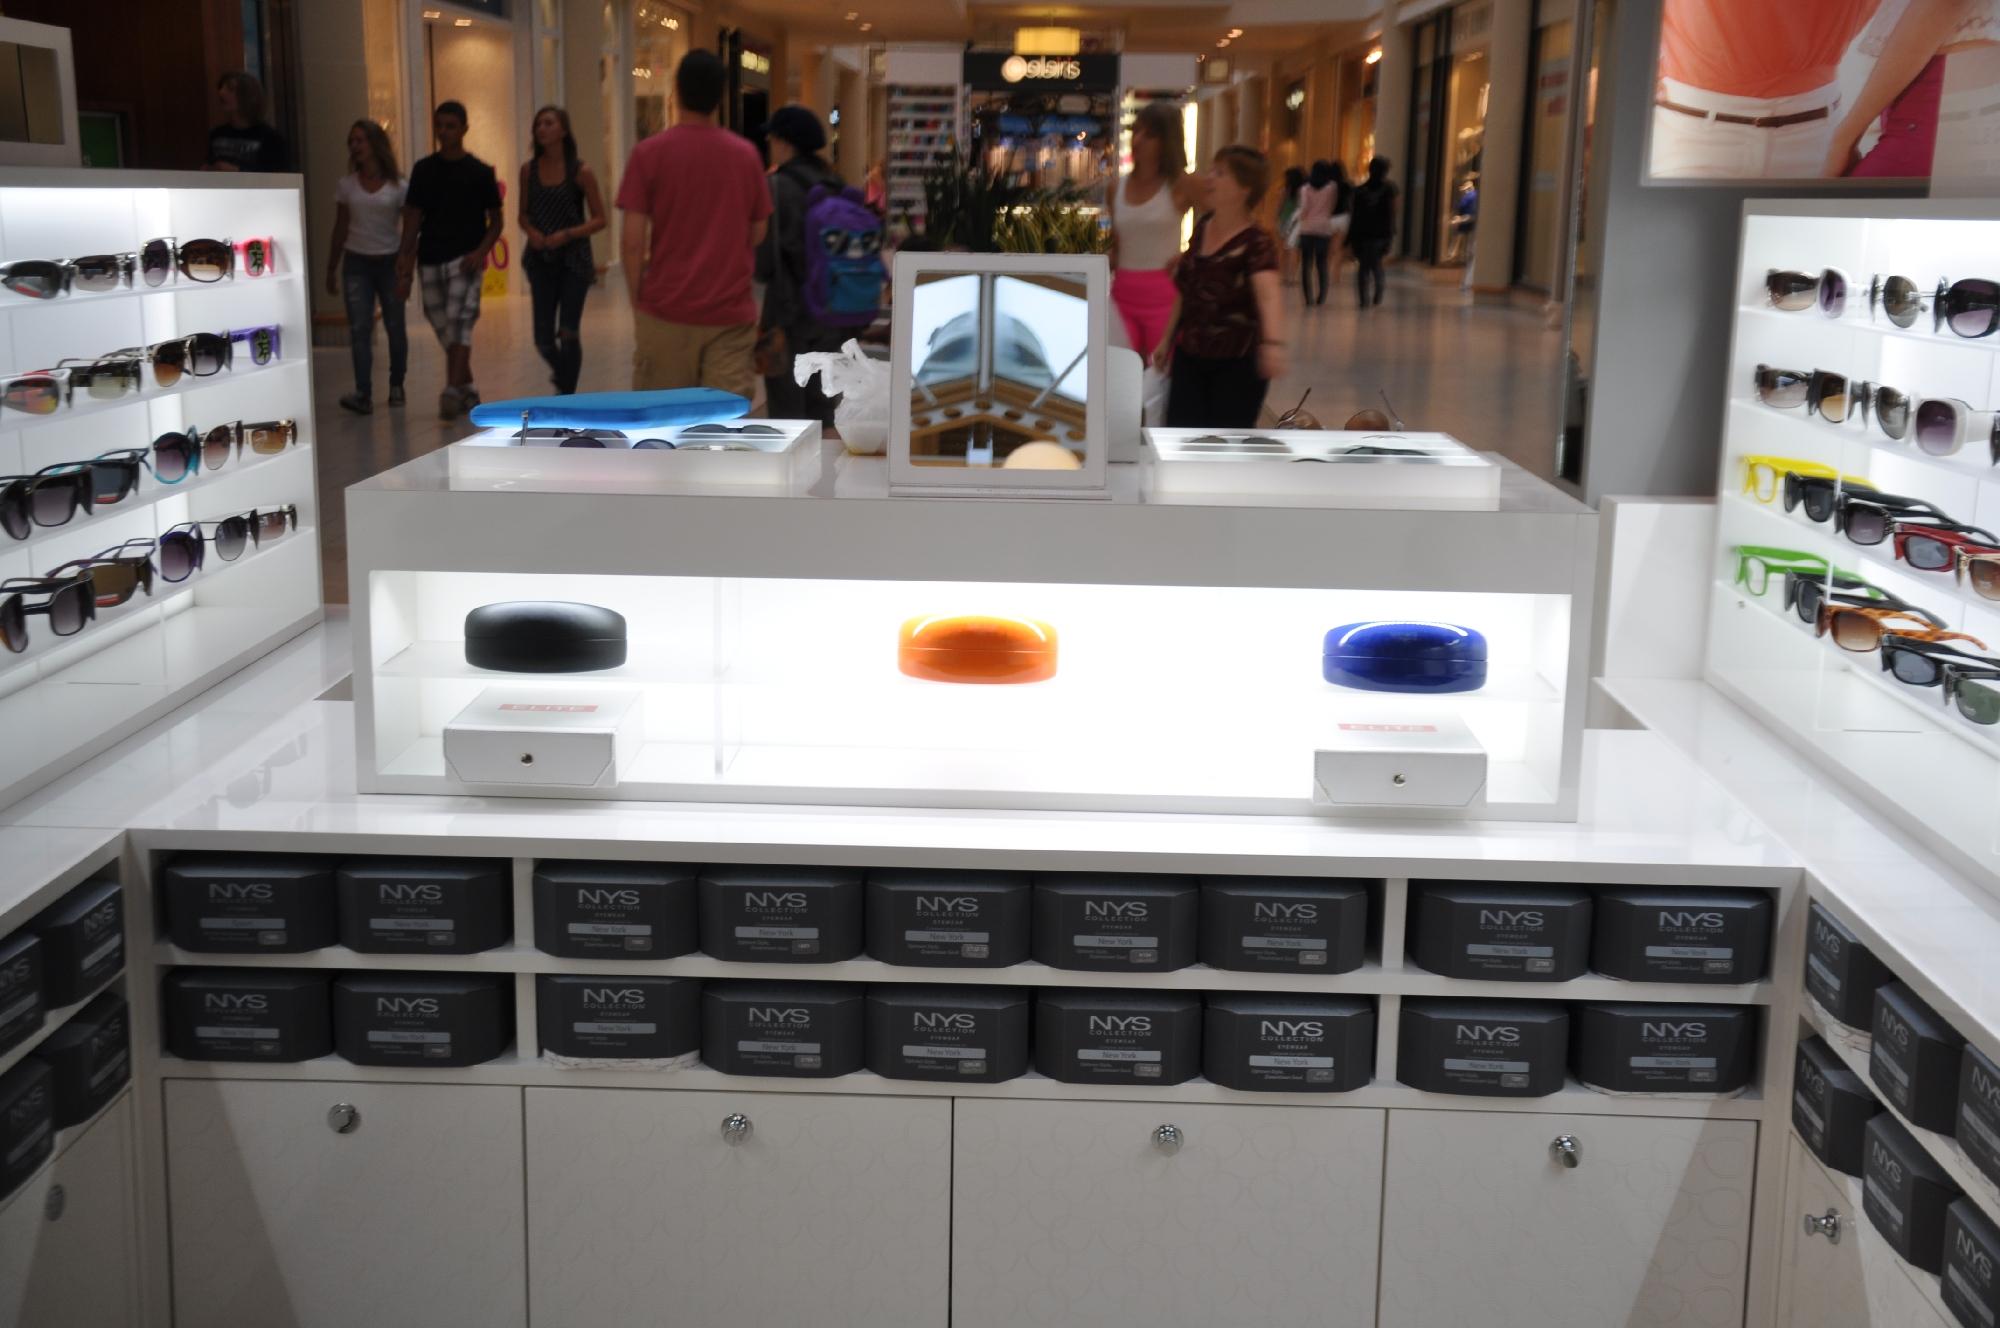 NYS KIOSK Freehold Mall 2012 048__30.jpg